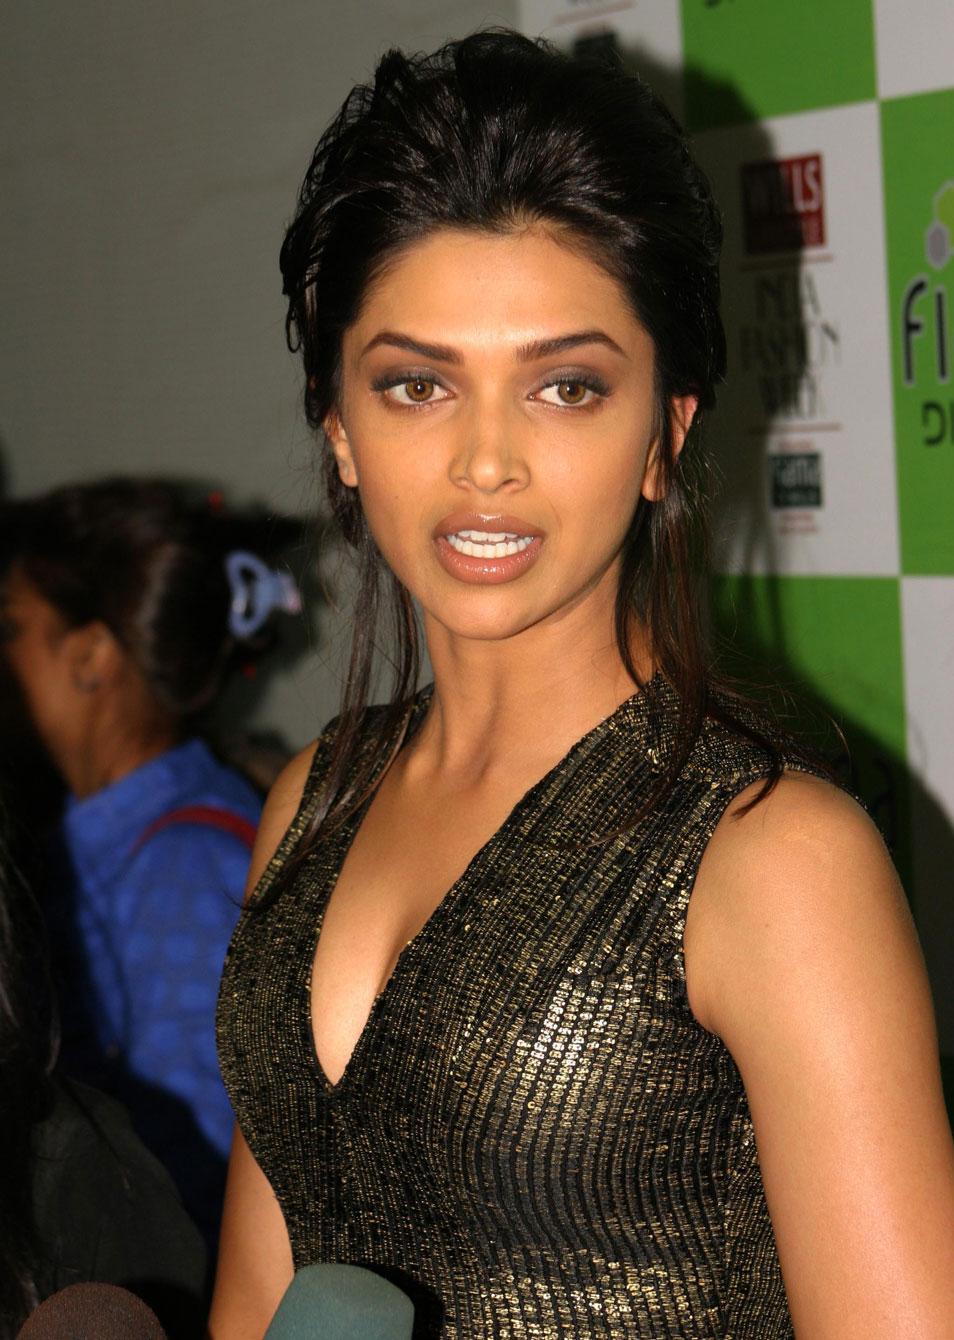 Deepika Padukone Spicy Hot Photo